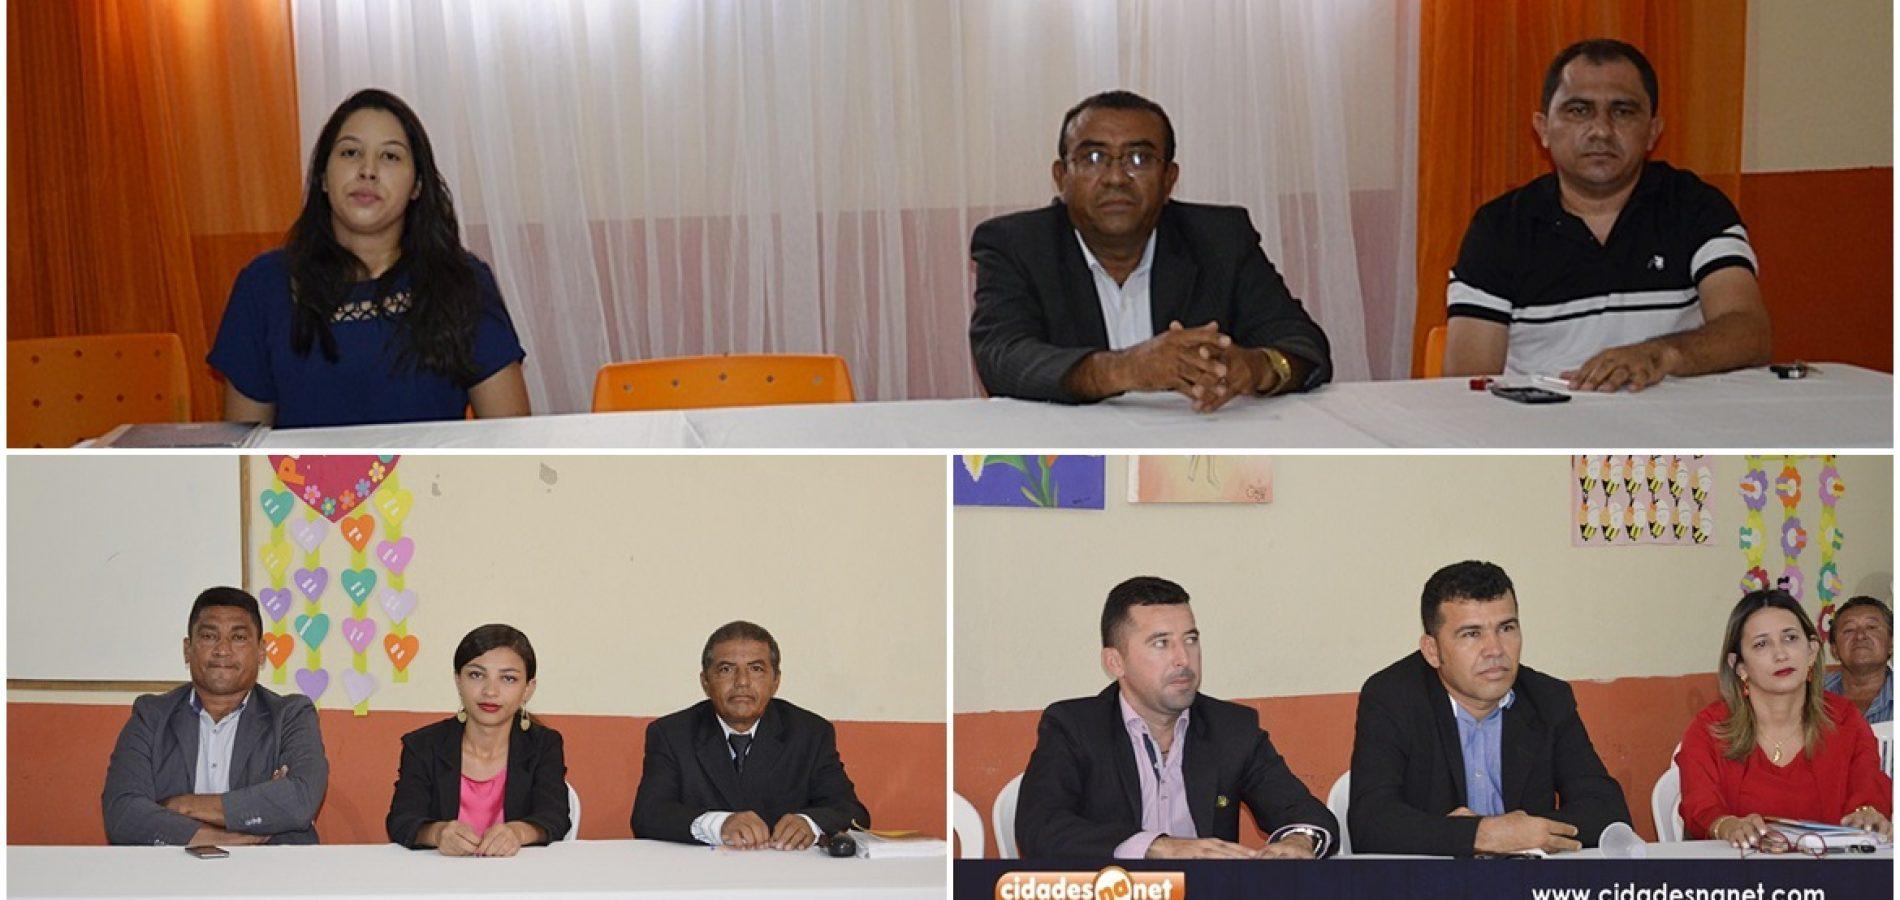 Vereadores discursam em sessão da Câmara Municipal de Patos do Piauí